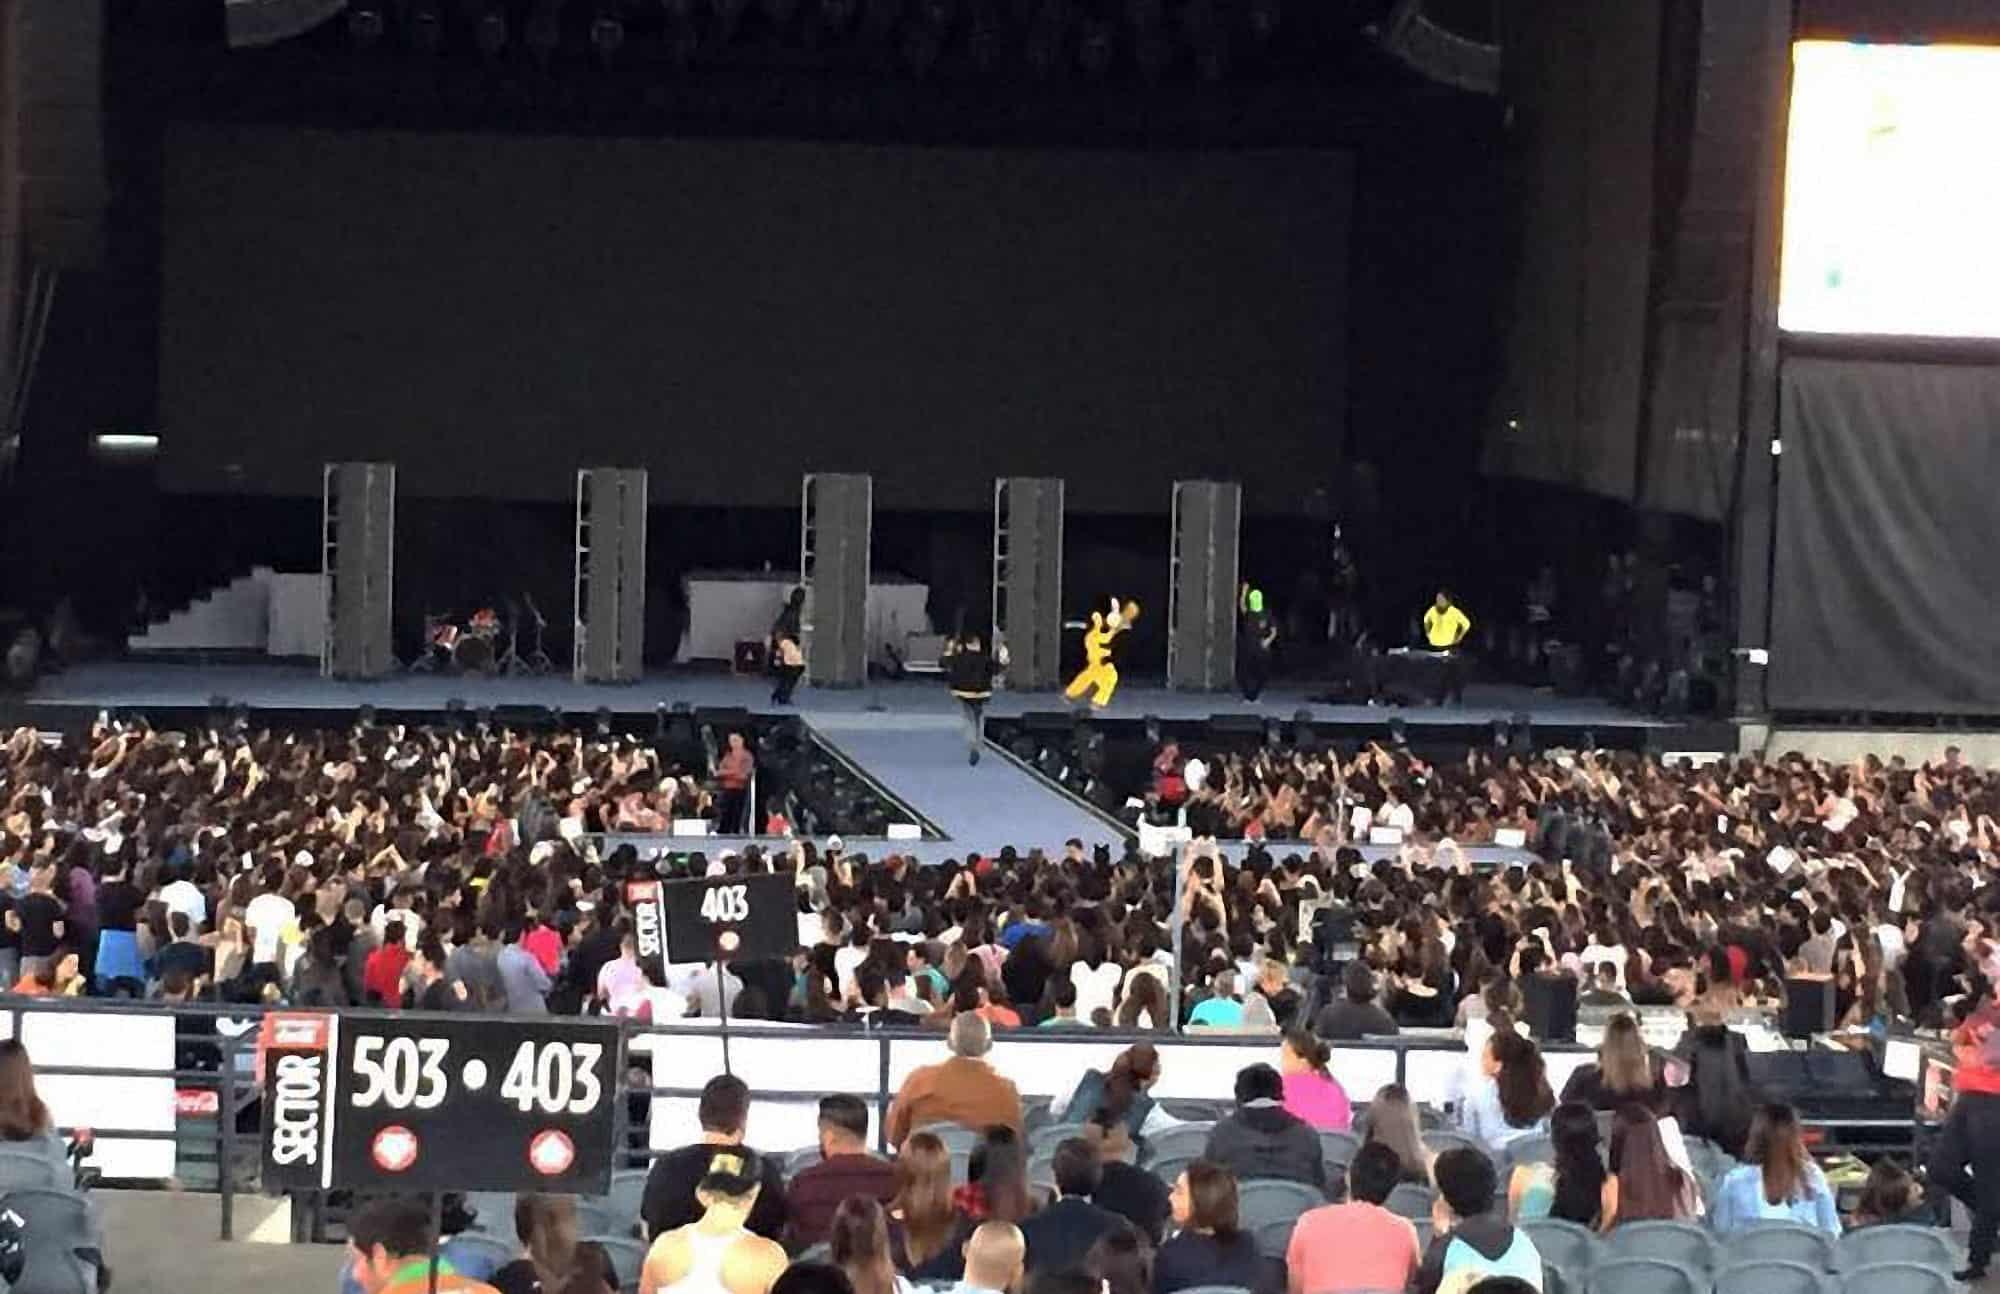 Ariana Grande concert in Costa Rica. July 9, 2017